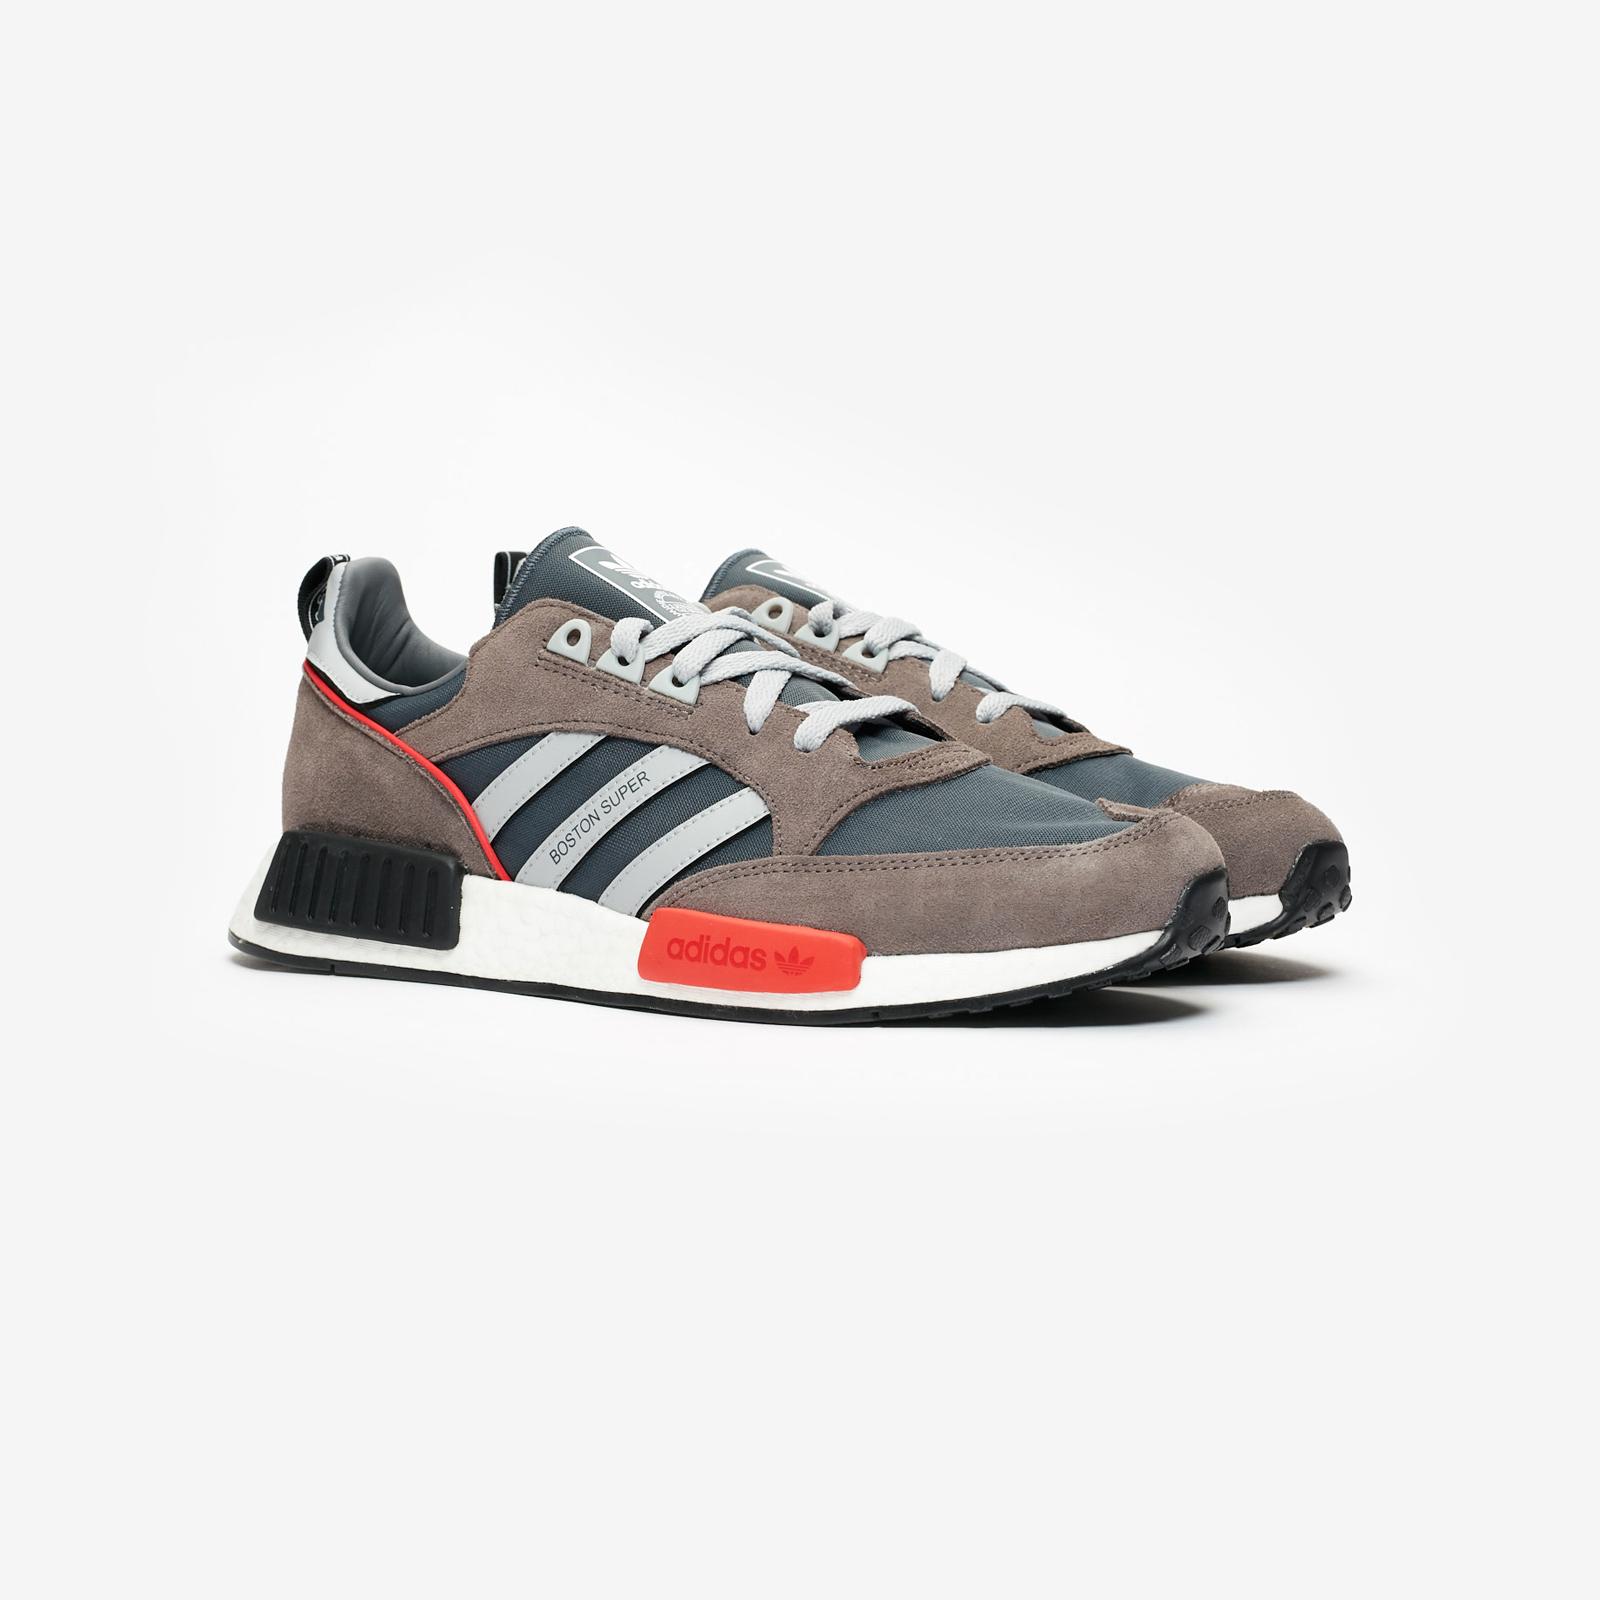 big sale a1aa1 38017 adidas Originals Boston Super x R1